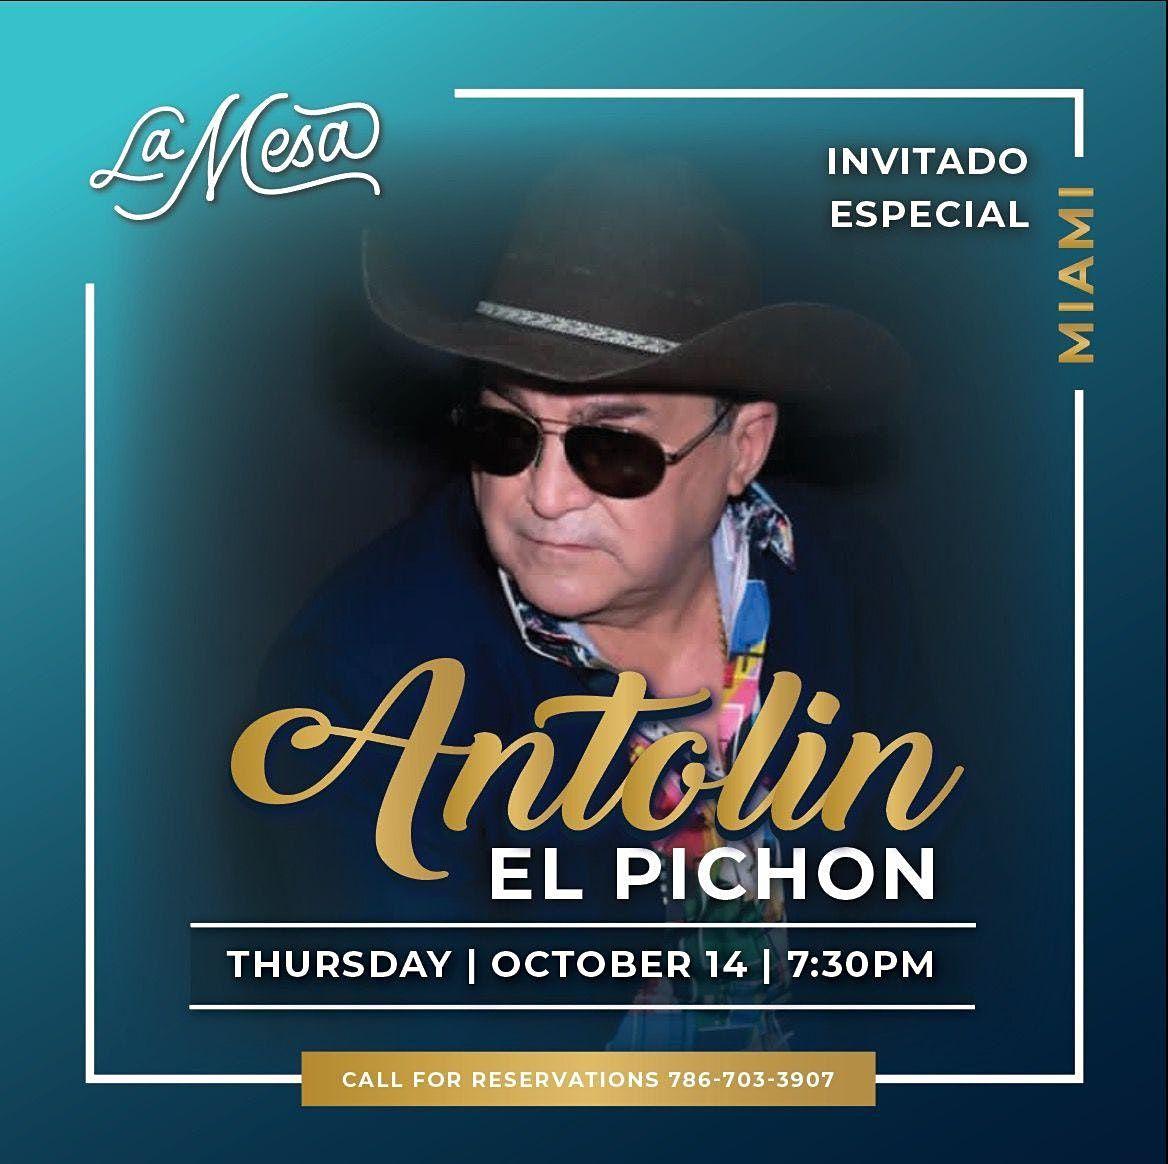 ANTOLIN EL PICHON